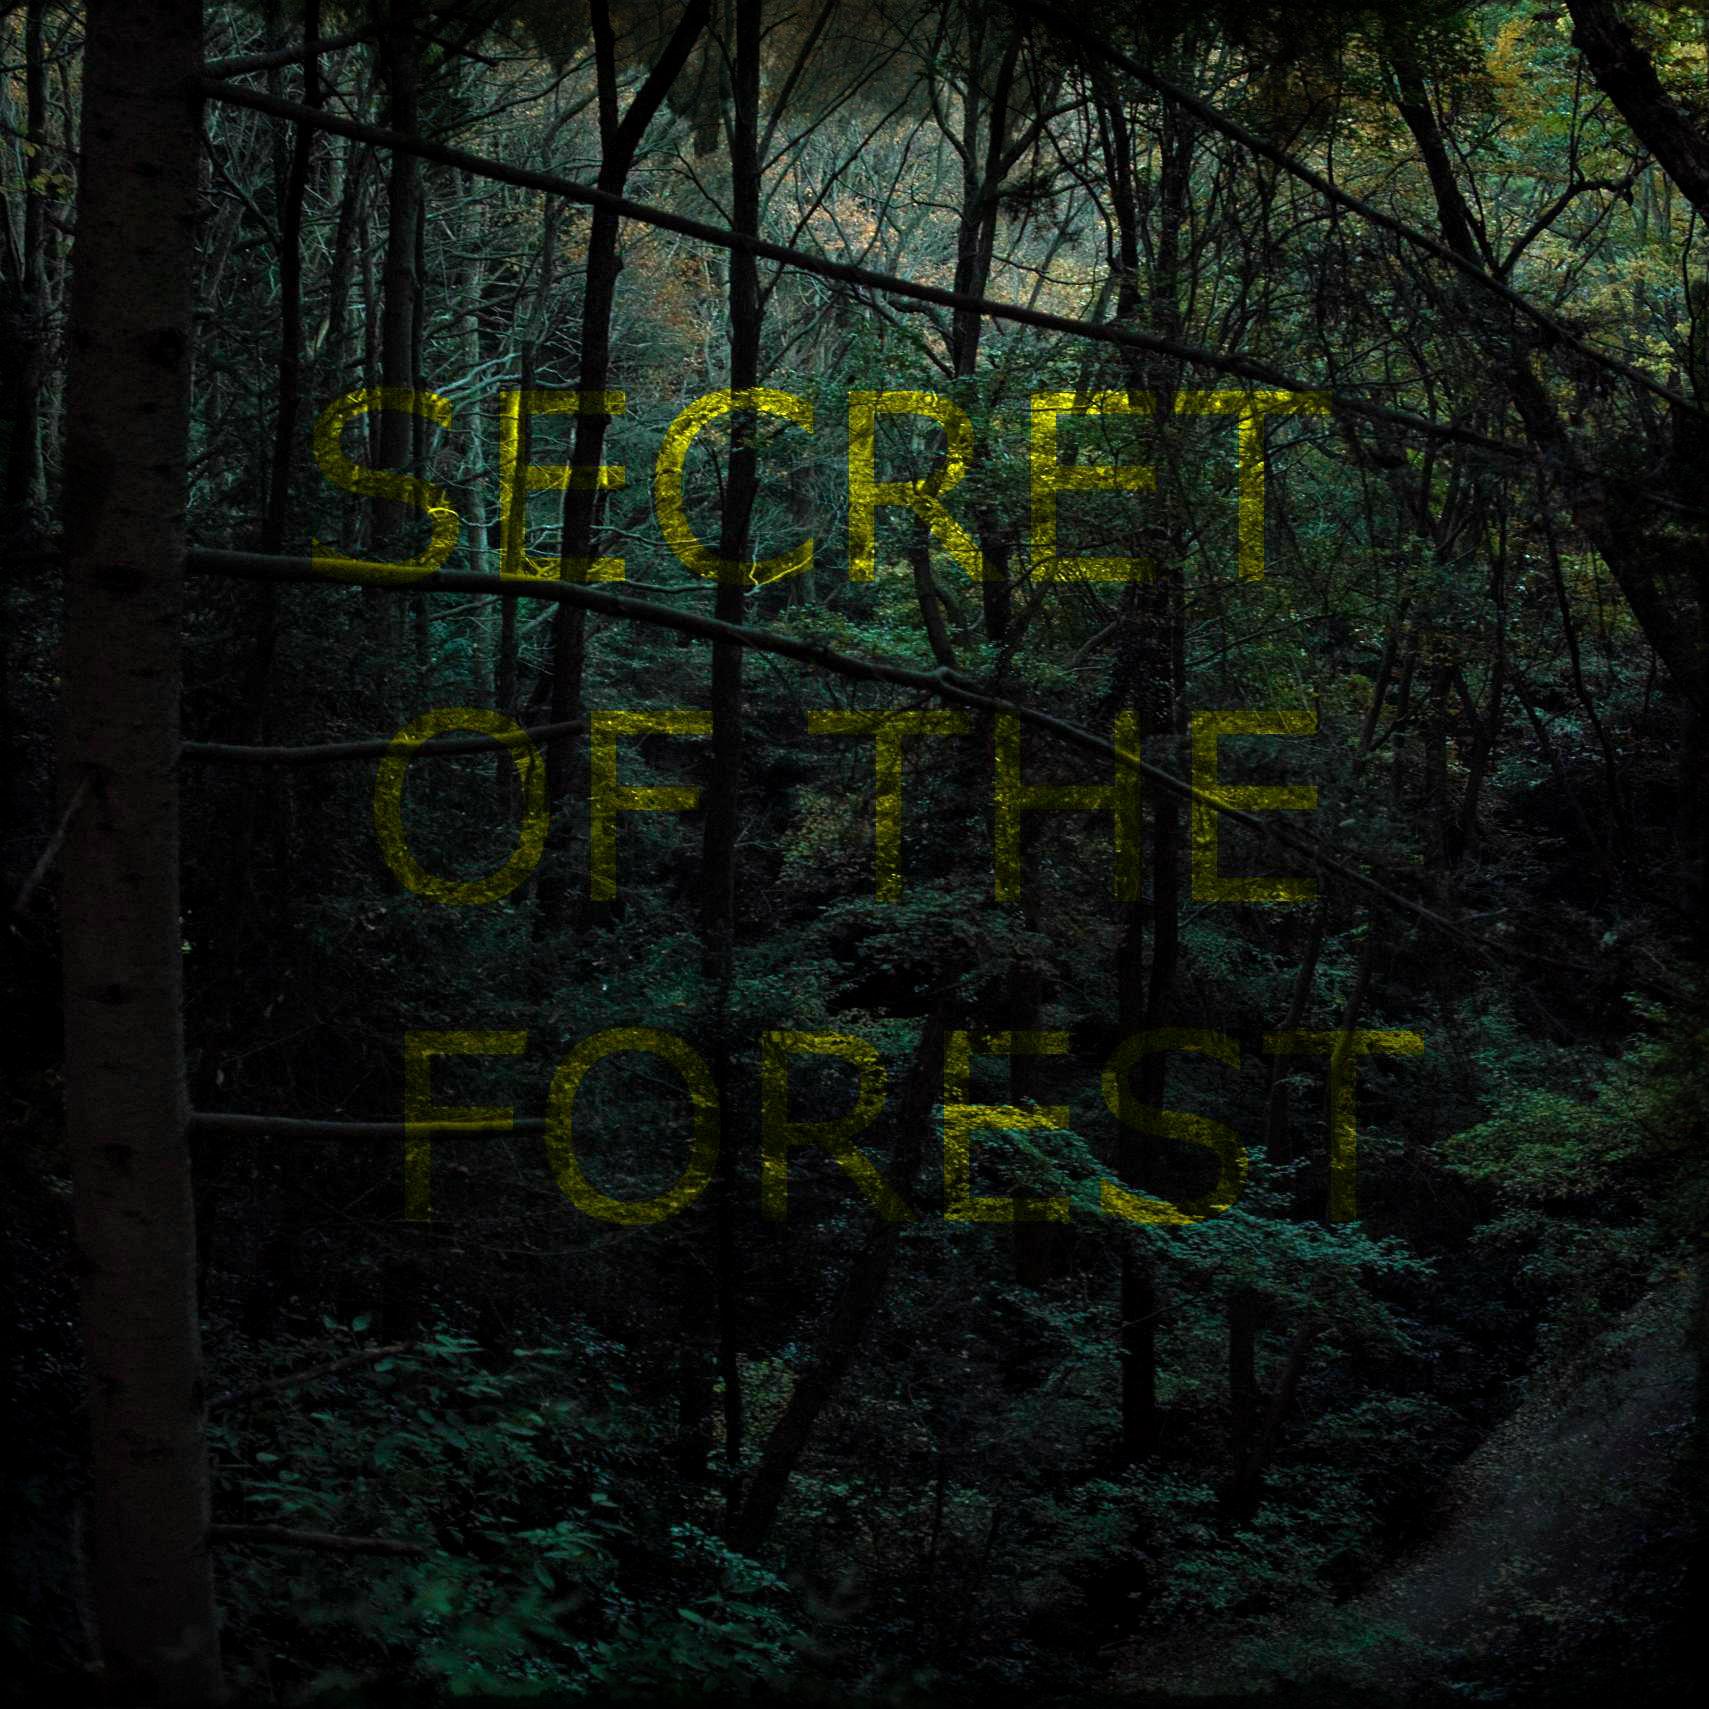 Štai aš jums parodysiu dabar slaptą takelį per tą baugų mišką. Paveiksliukas iš souncloud.com